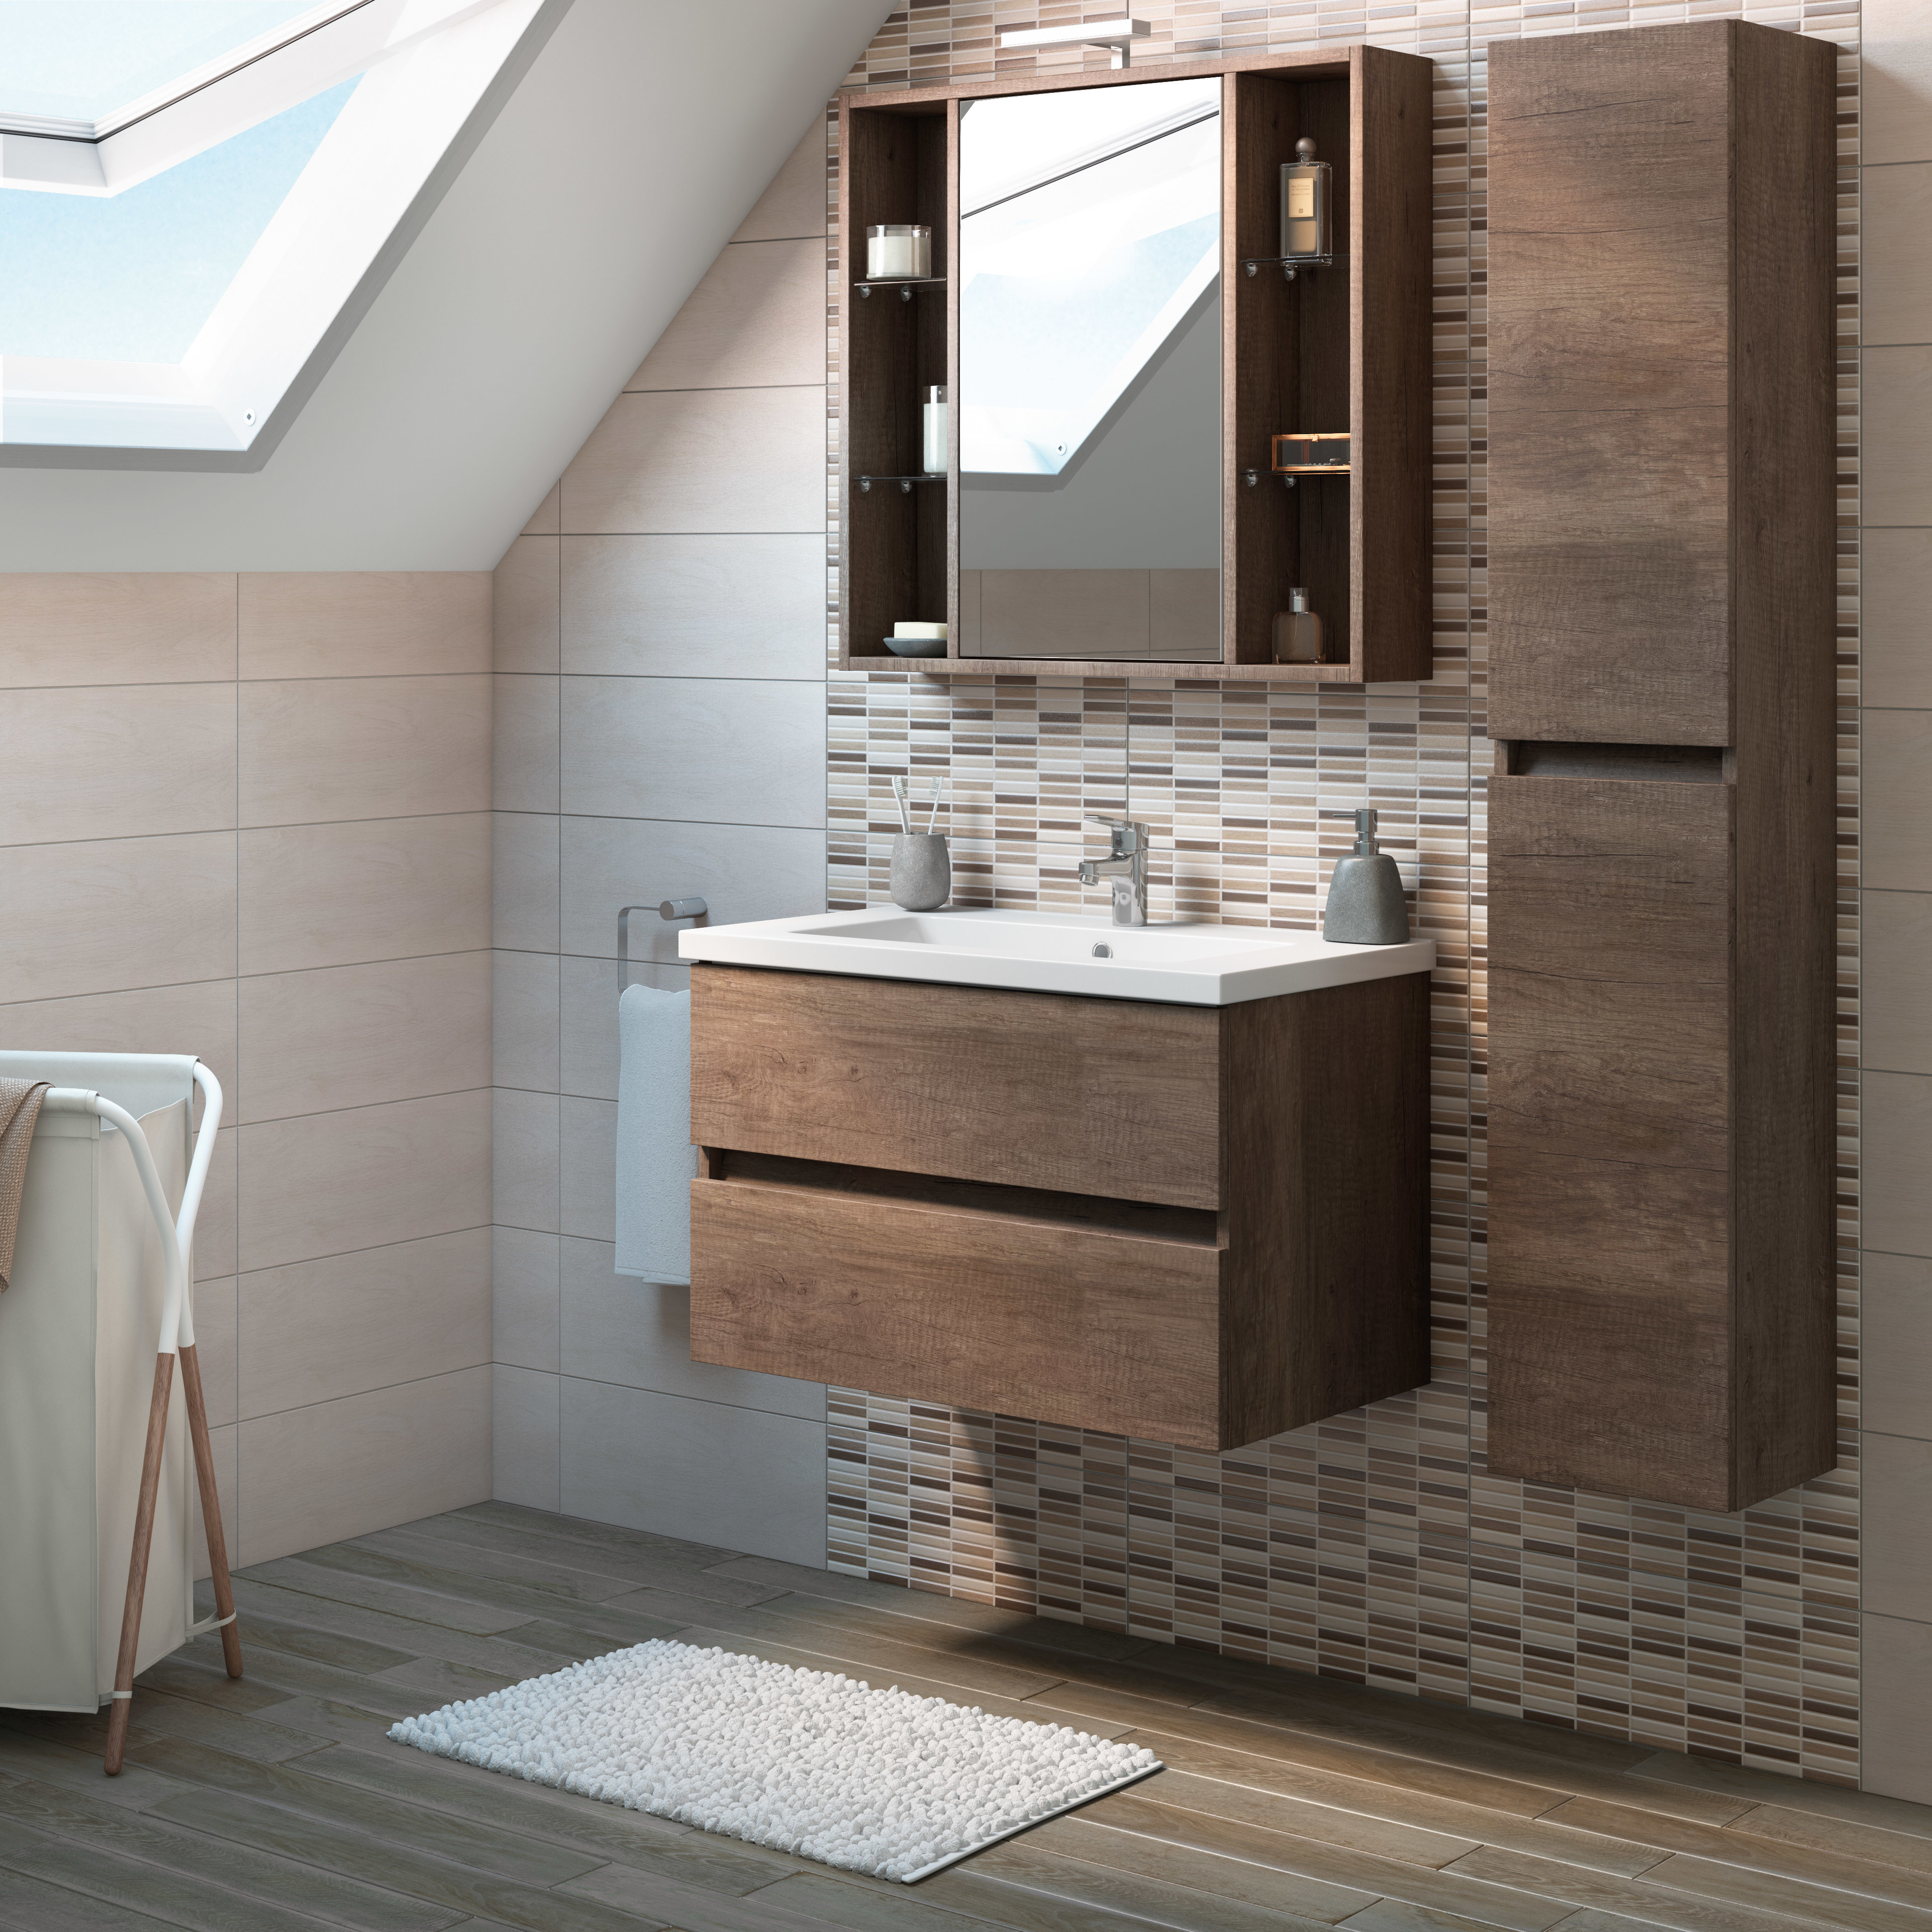 Mobili bagno legno massello 70cm - Mobile bagno leroy merlin ...